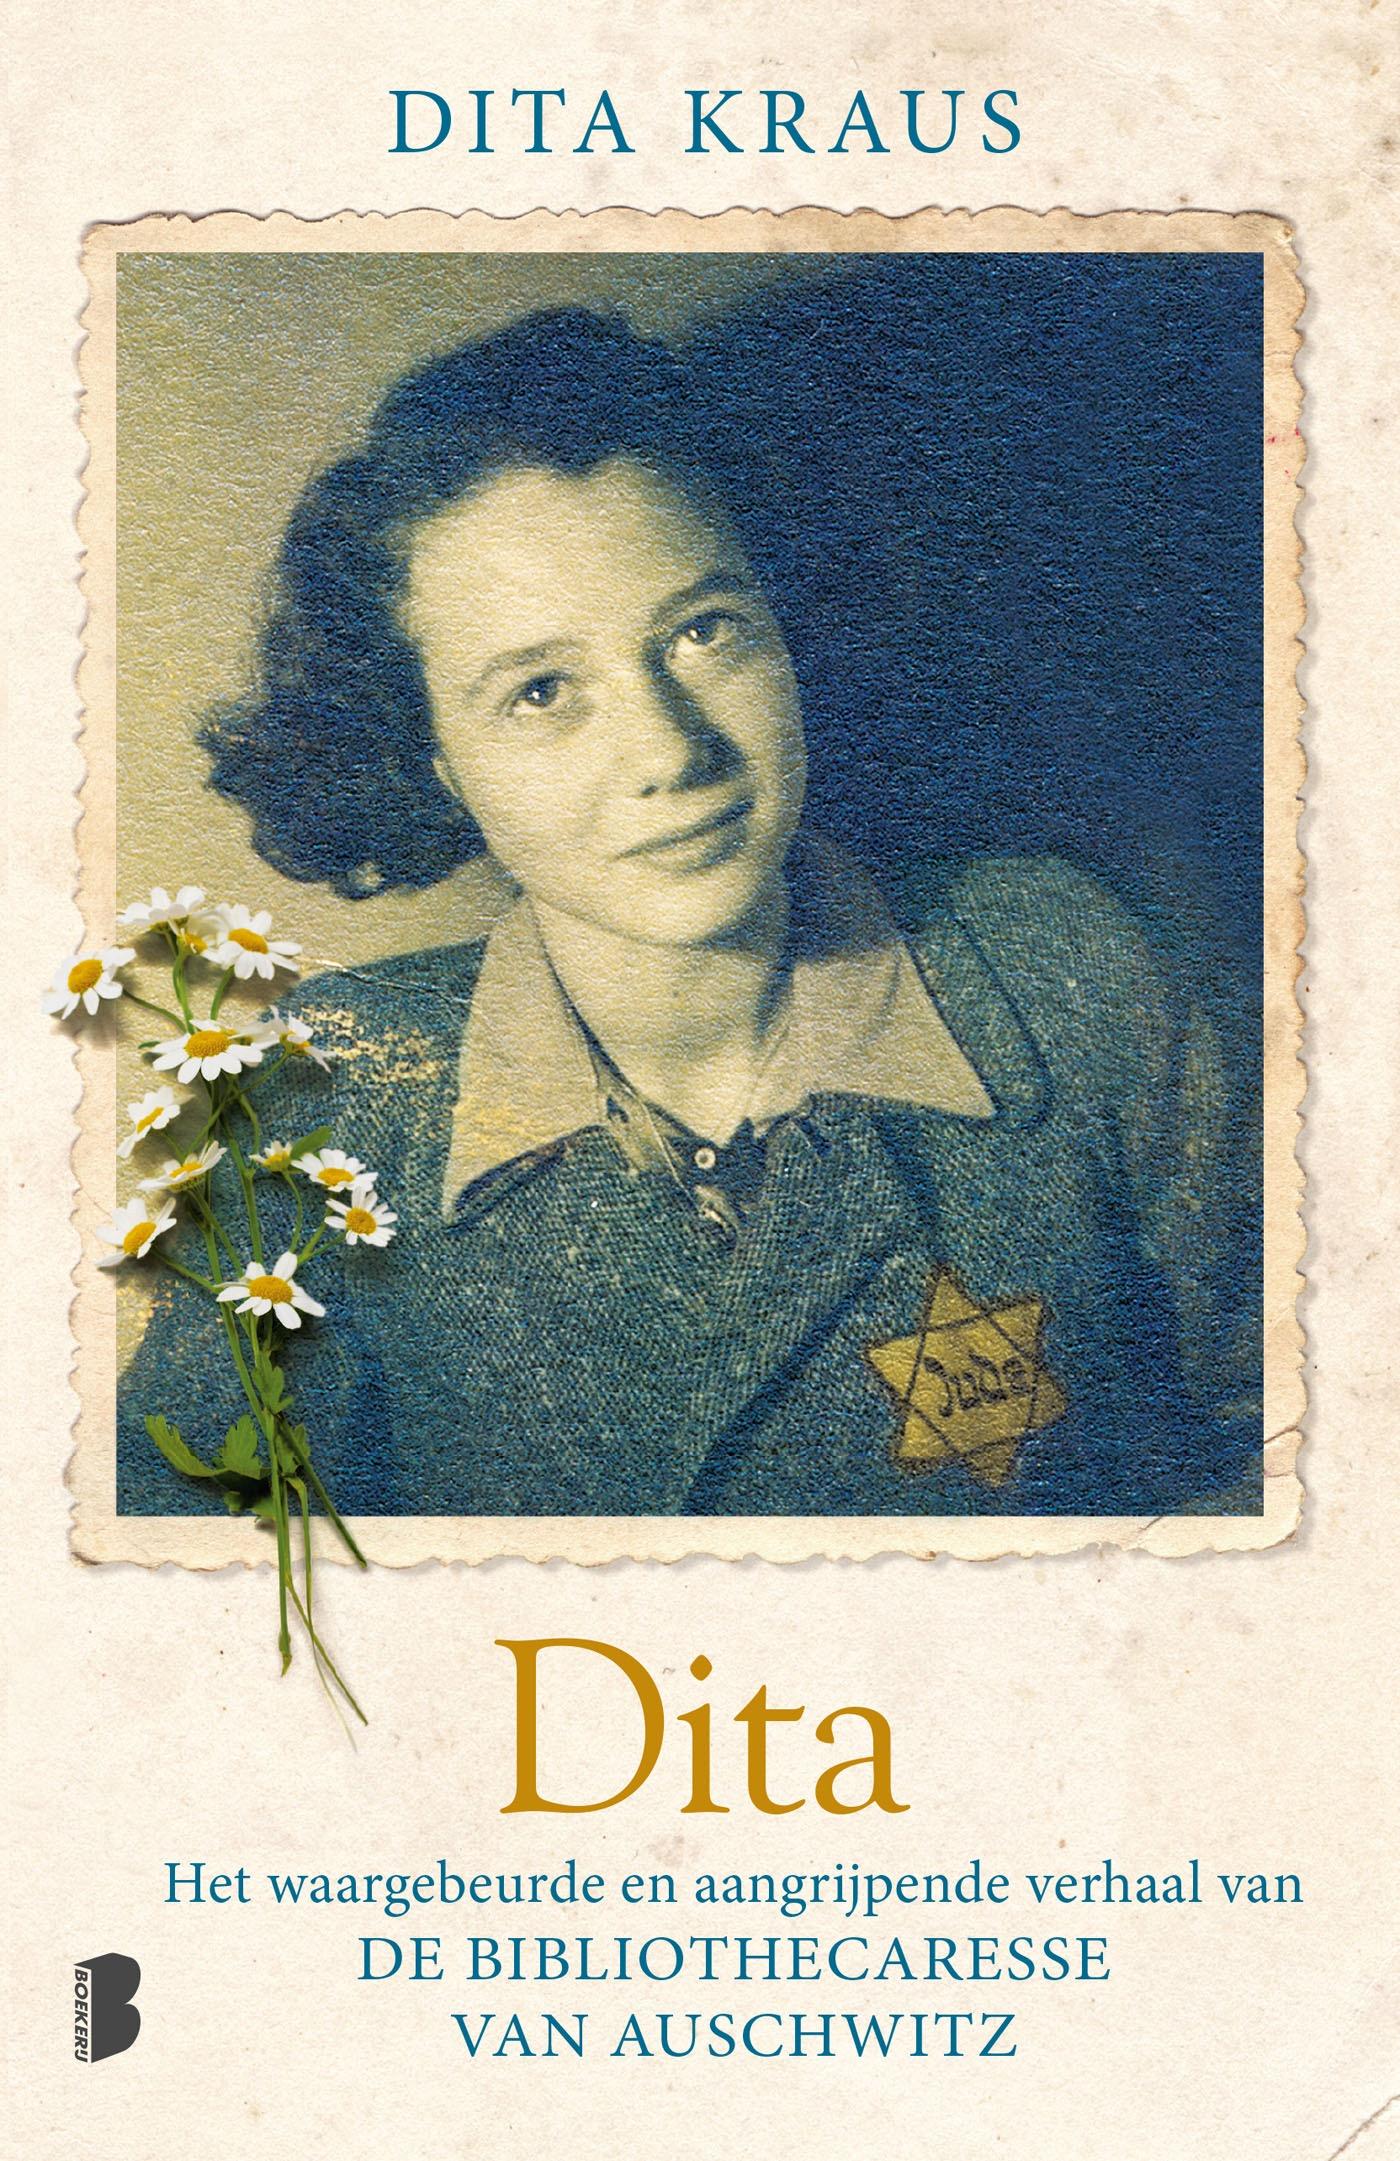 Dita - Dita Kraus